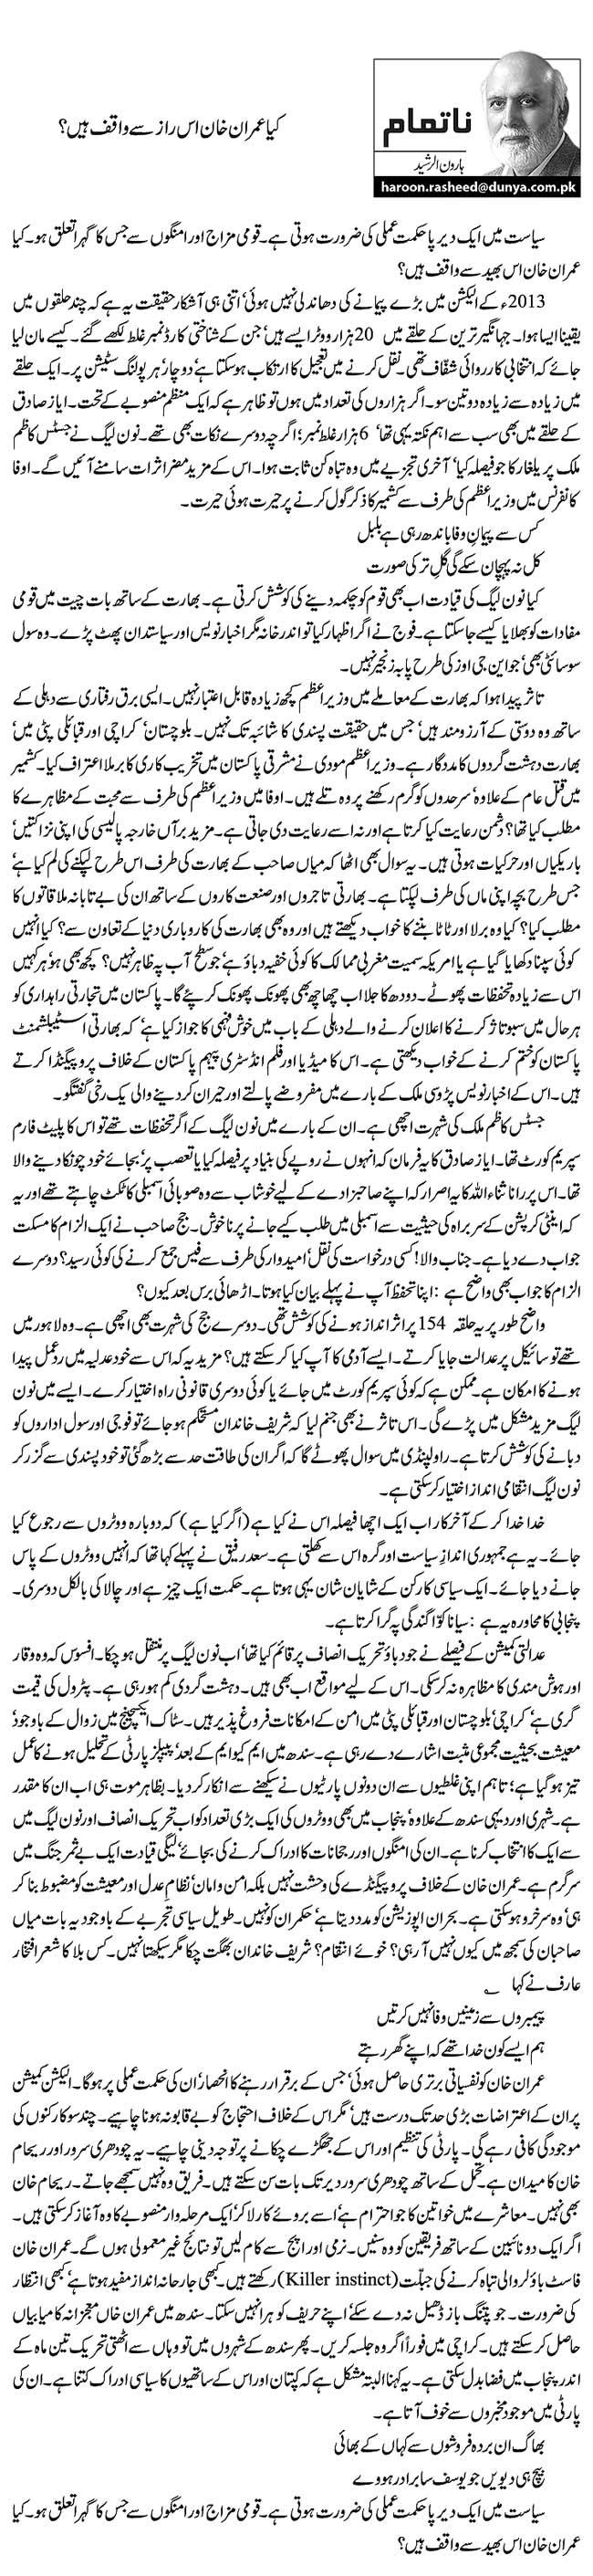 کیا عمران خان اس راز سے واقف ہیں؟